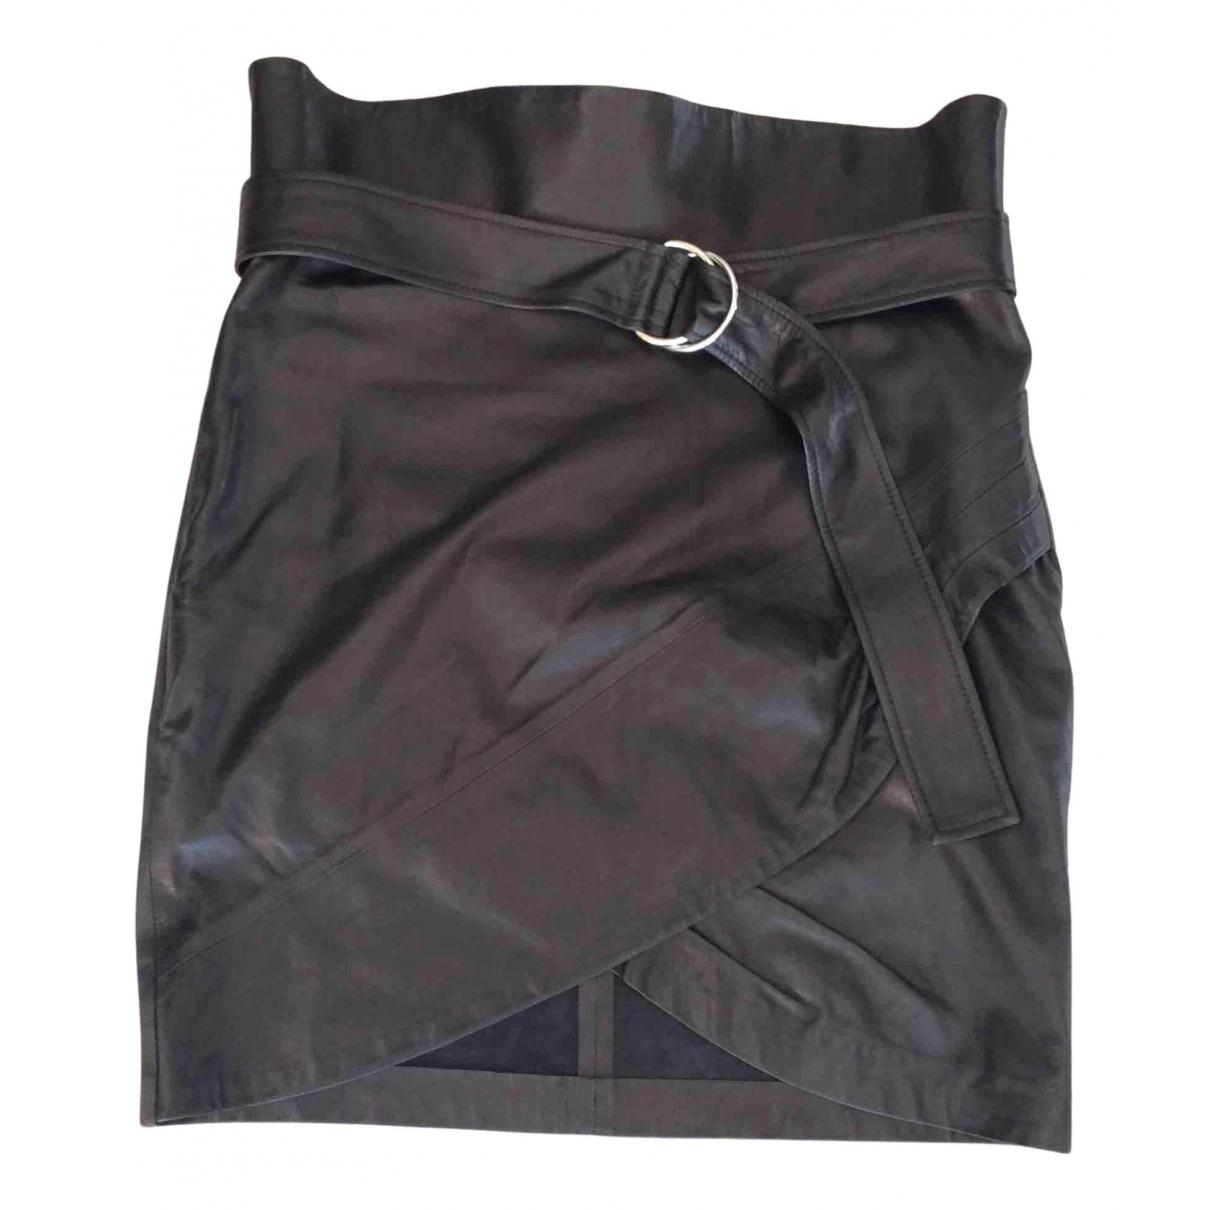 Iro - Jupe   pour femme en cuir - noir